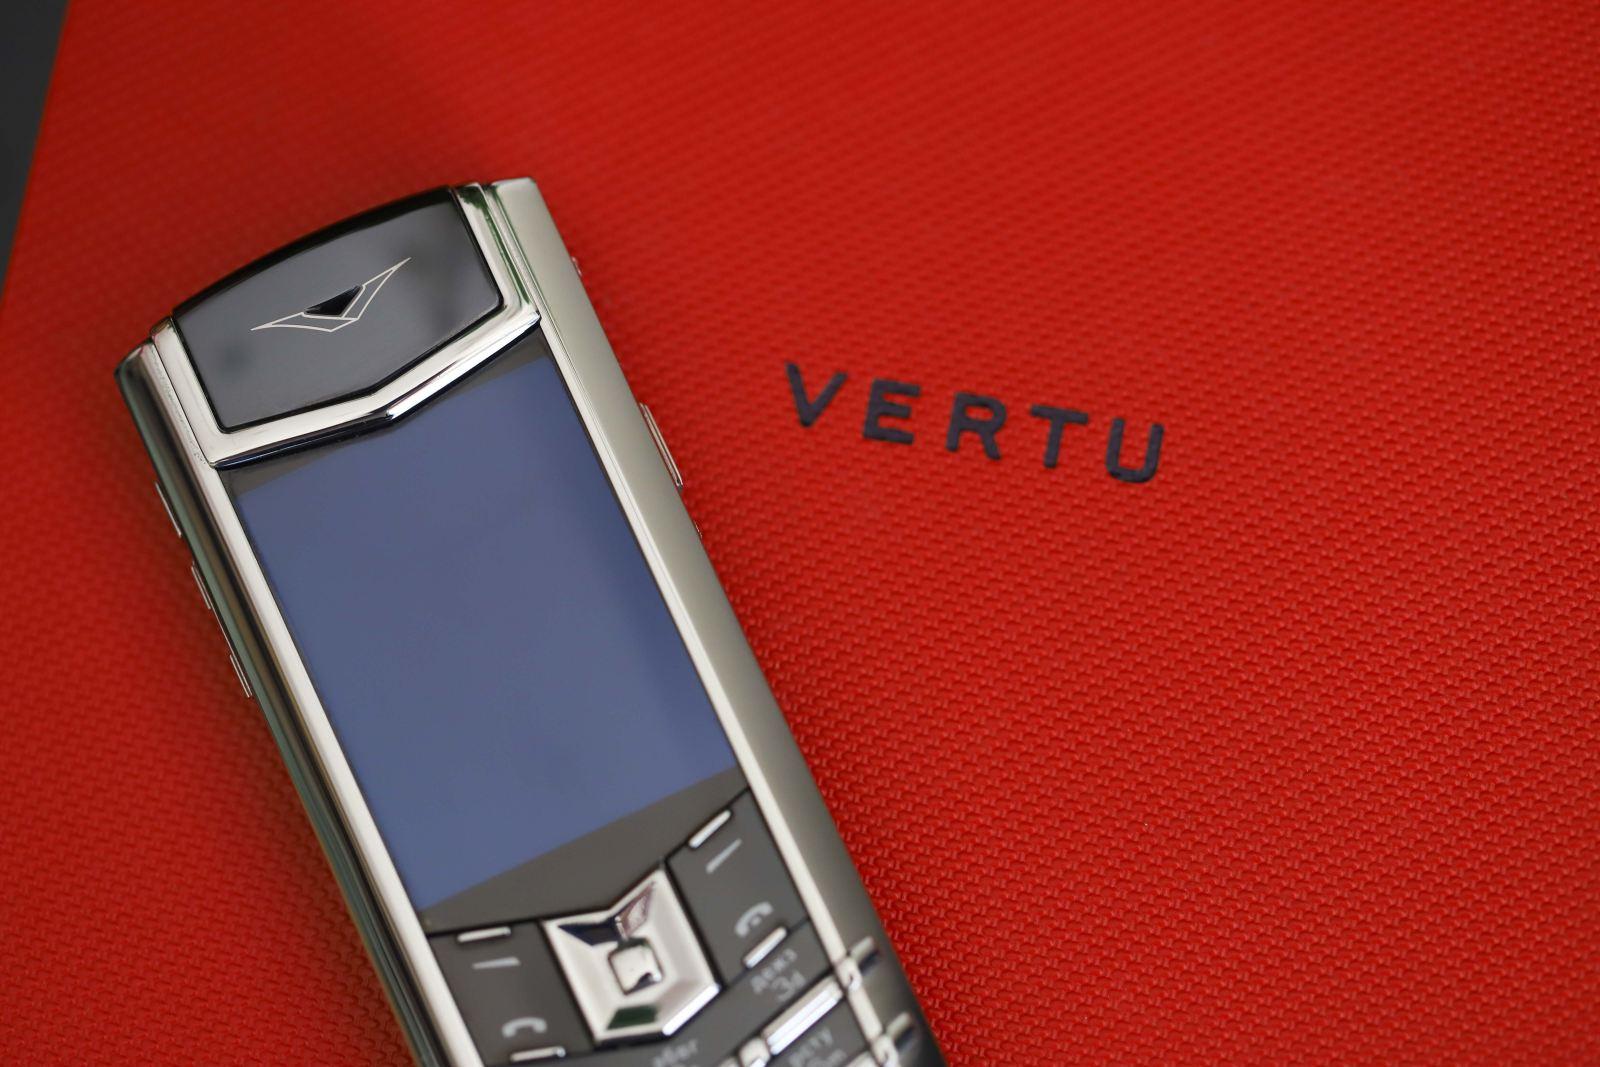 Vertu-Signature-S-thép-da-đỏ-3